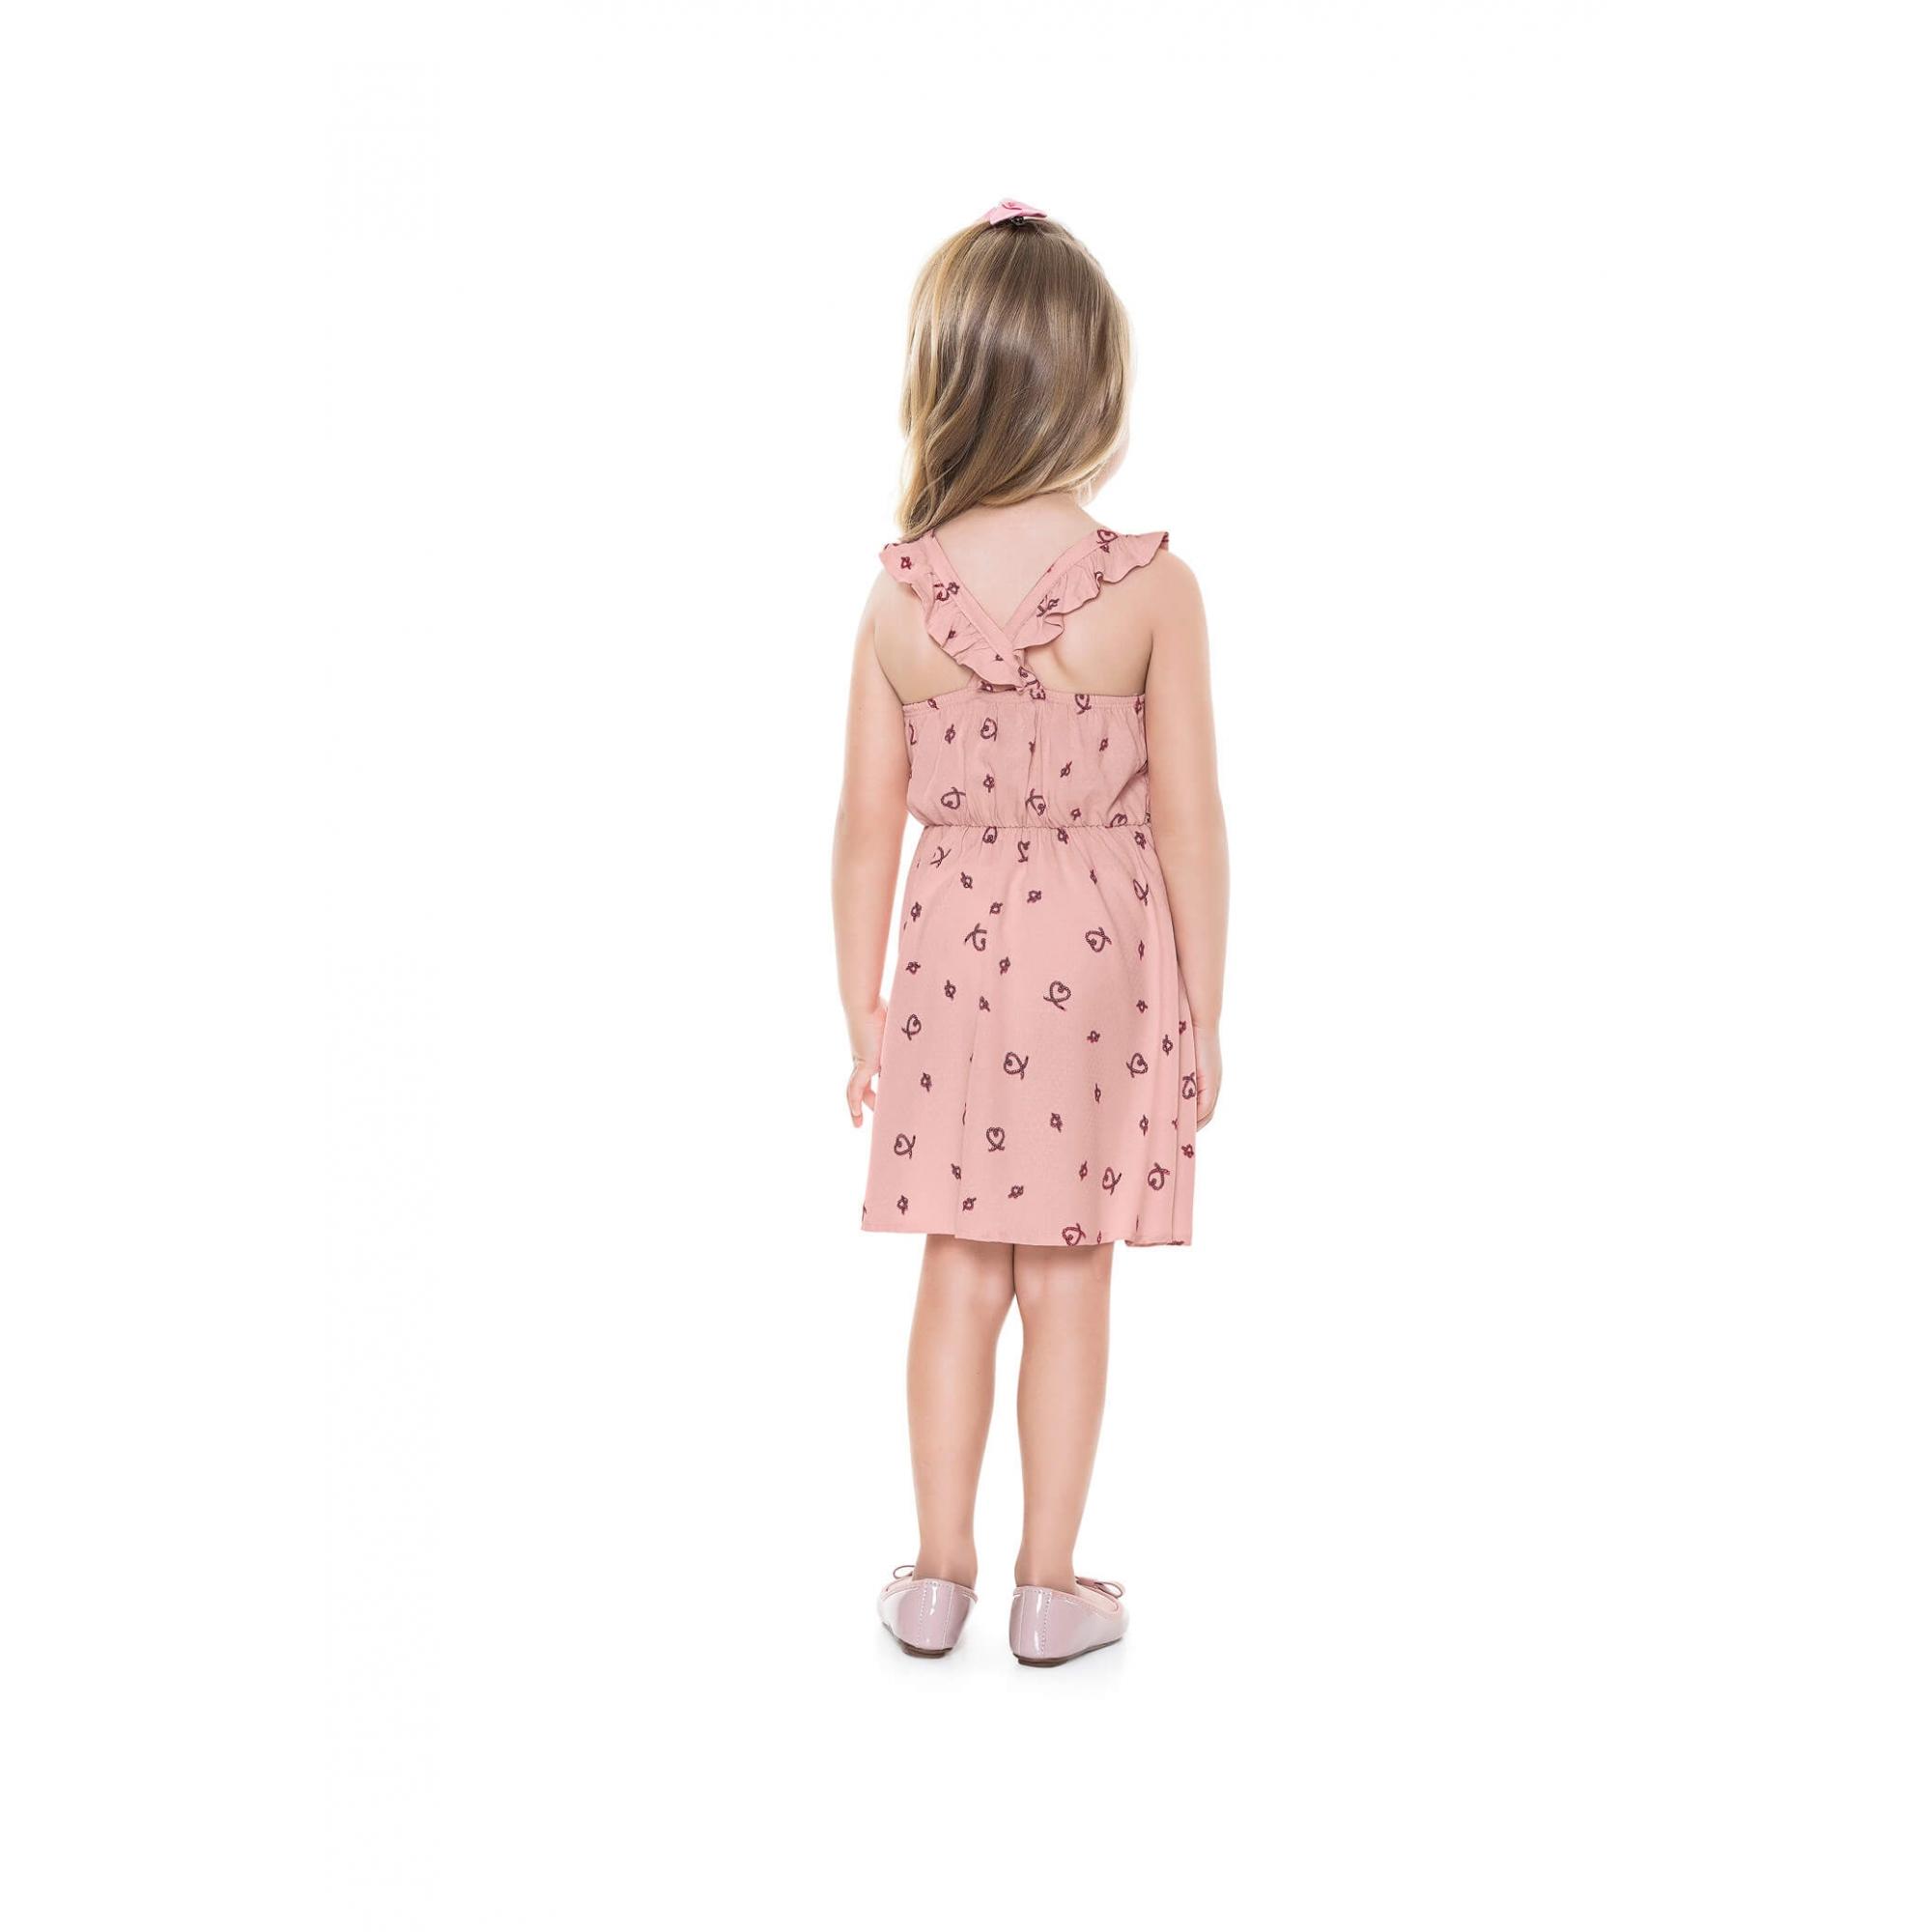 Vestido Infantil Corações - Playground